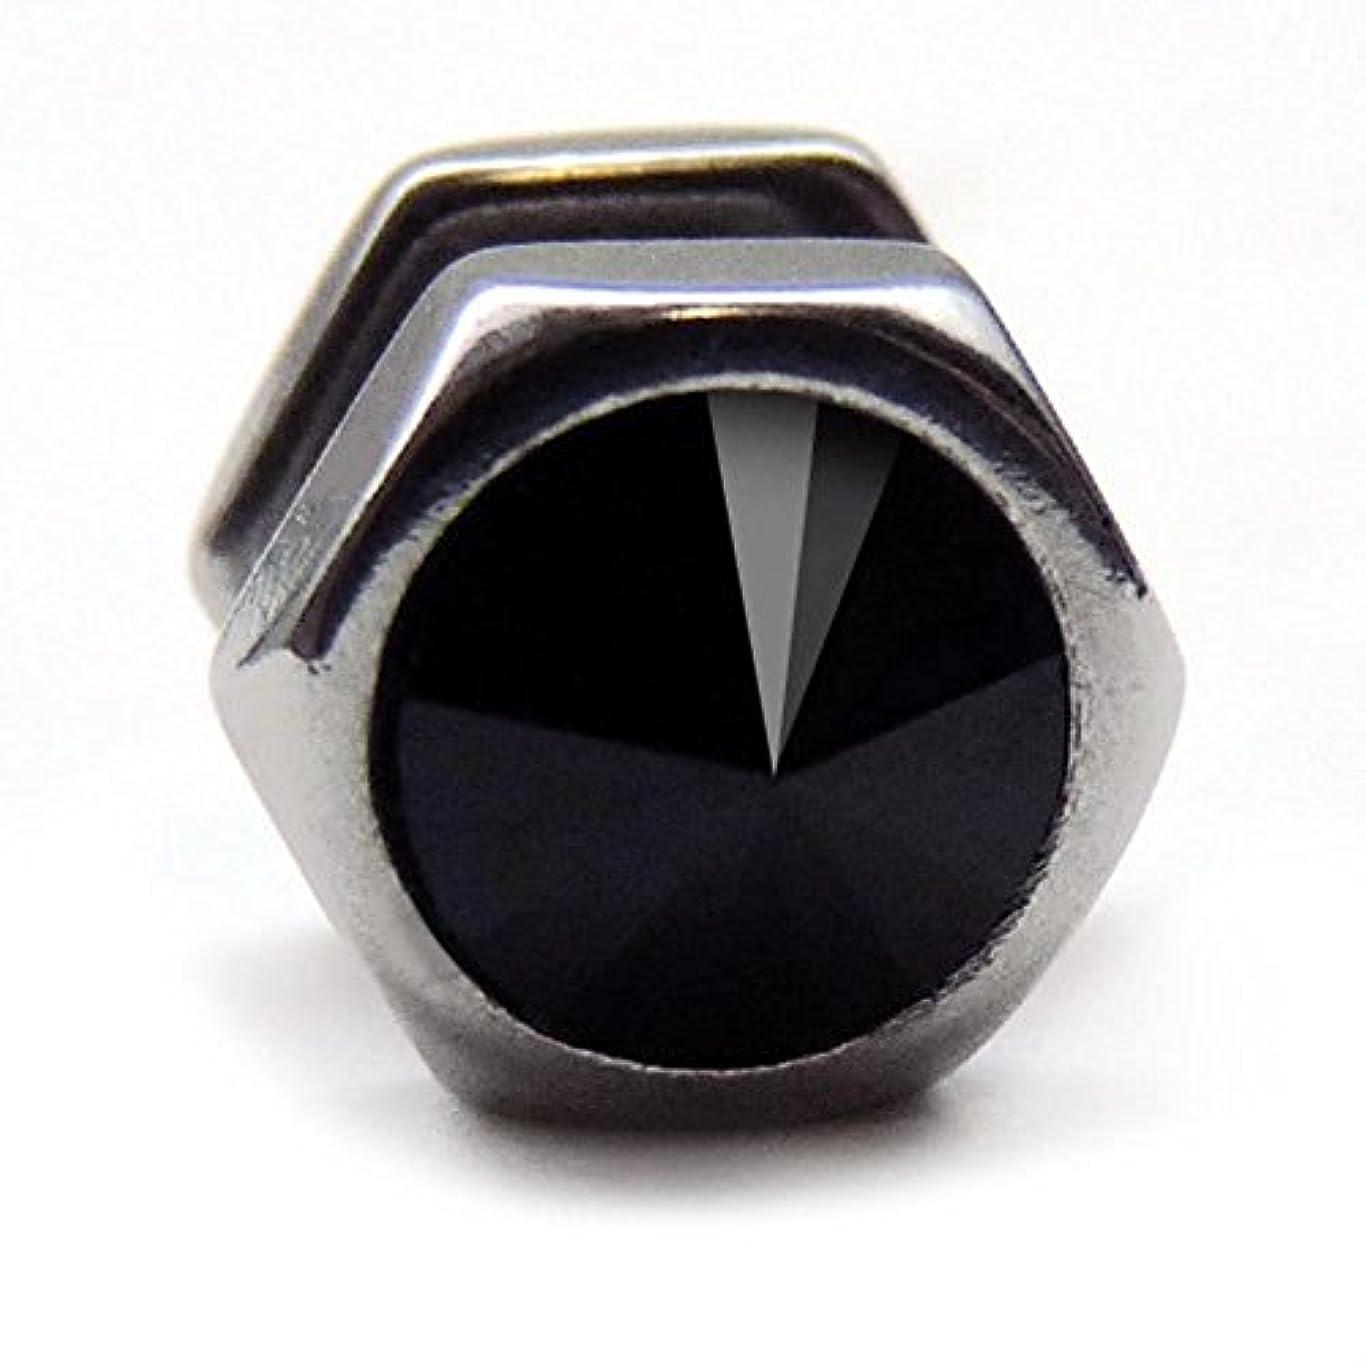 融合ゴミ異常スワンユニオン swanunion fp25六角形 片耳 磁石 マグピ ステンレス製 フェイクピアス fp25-M